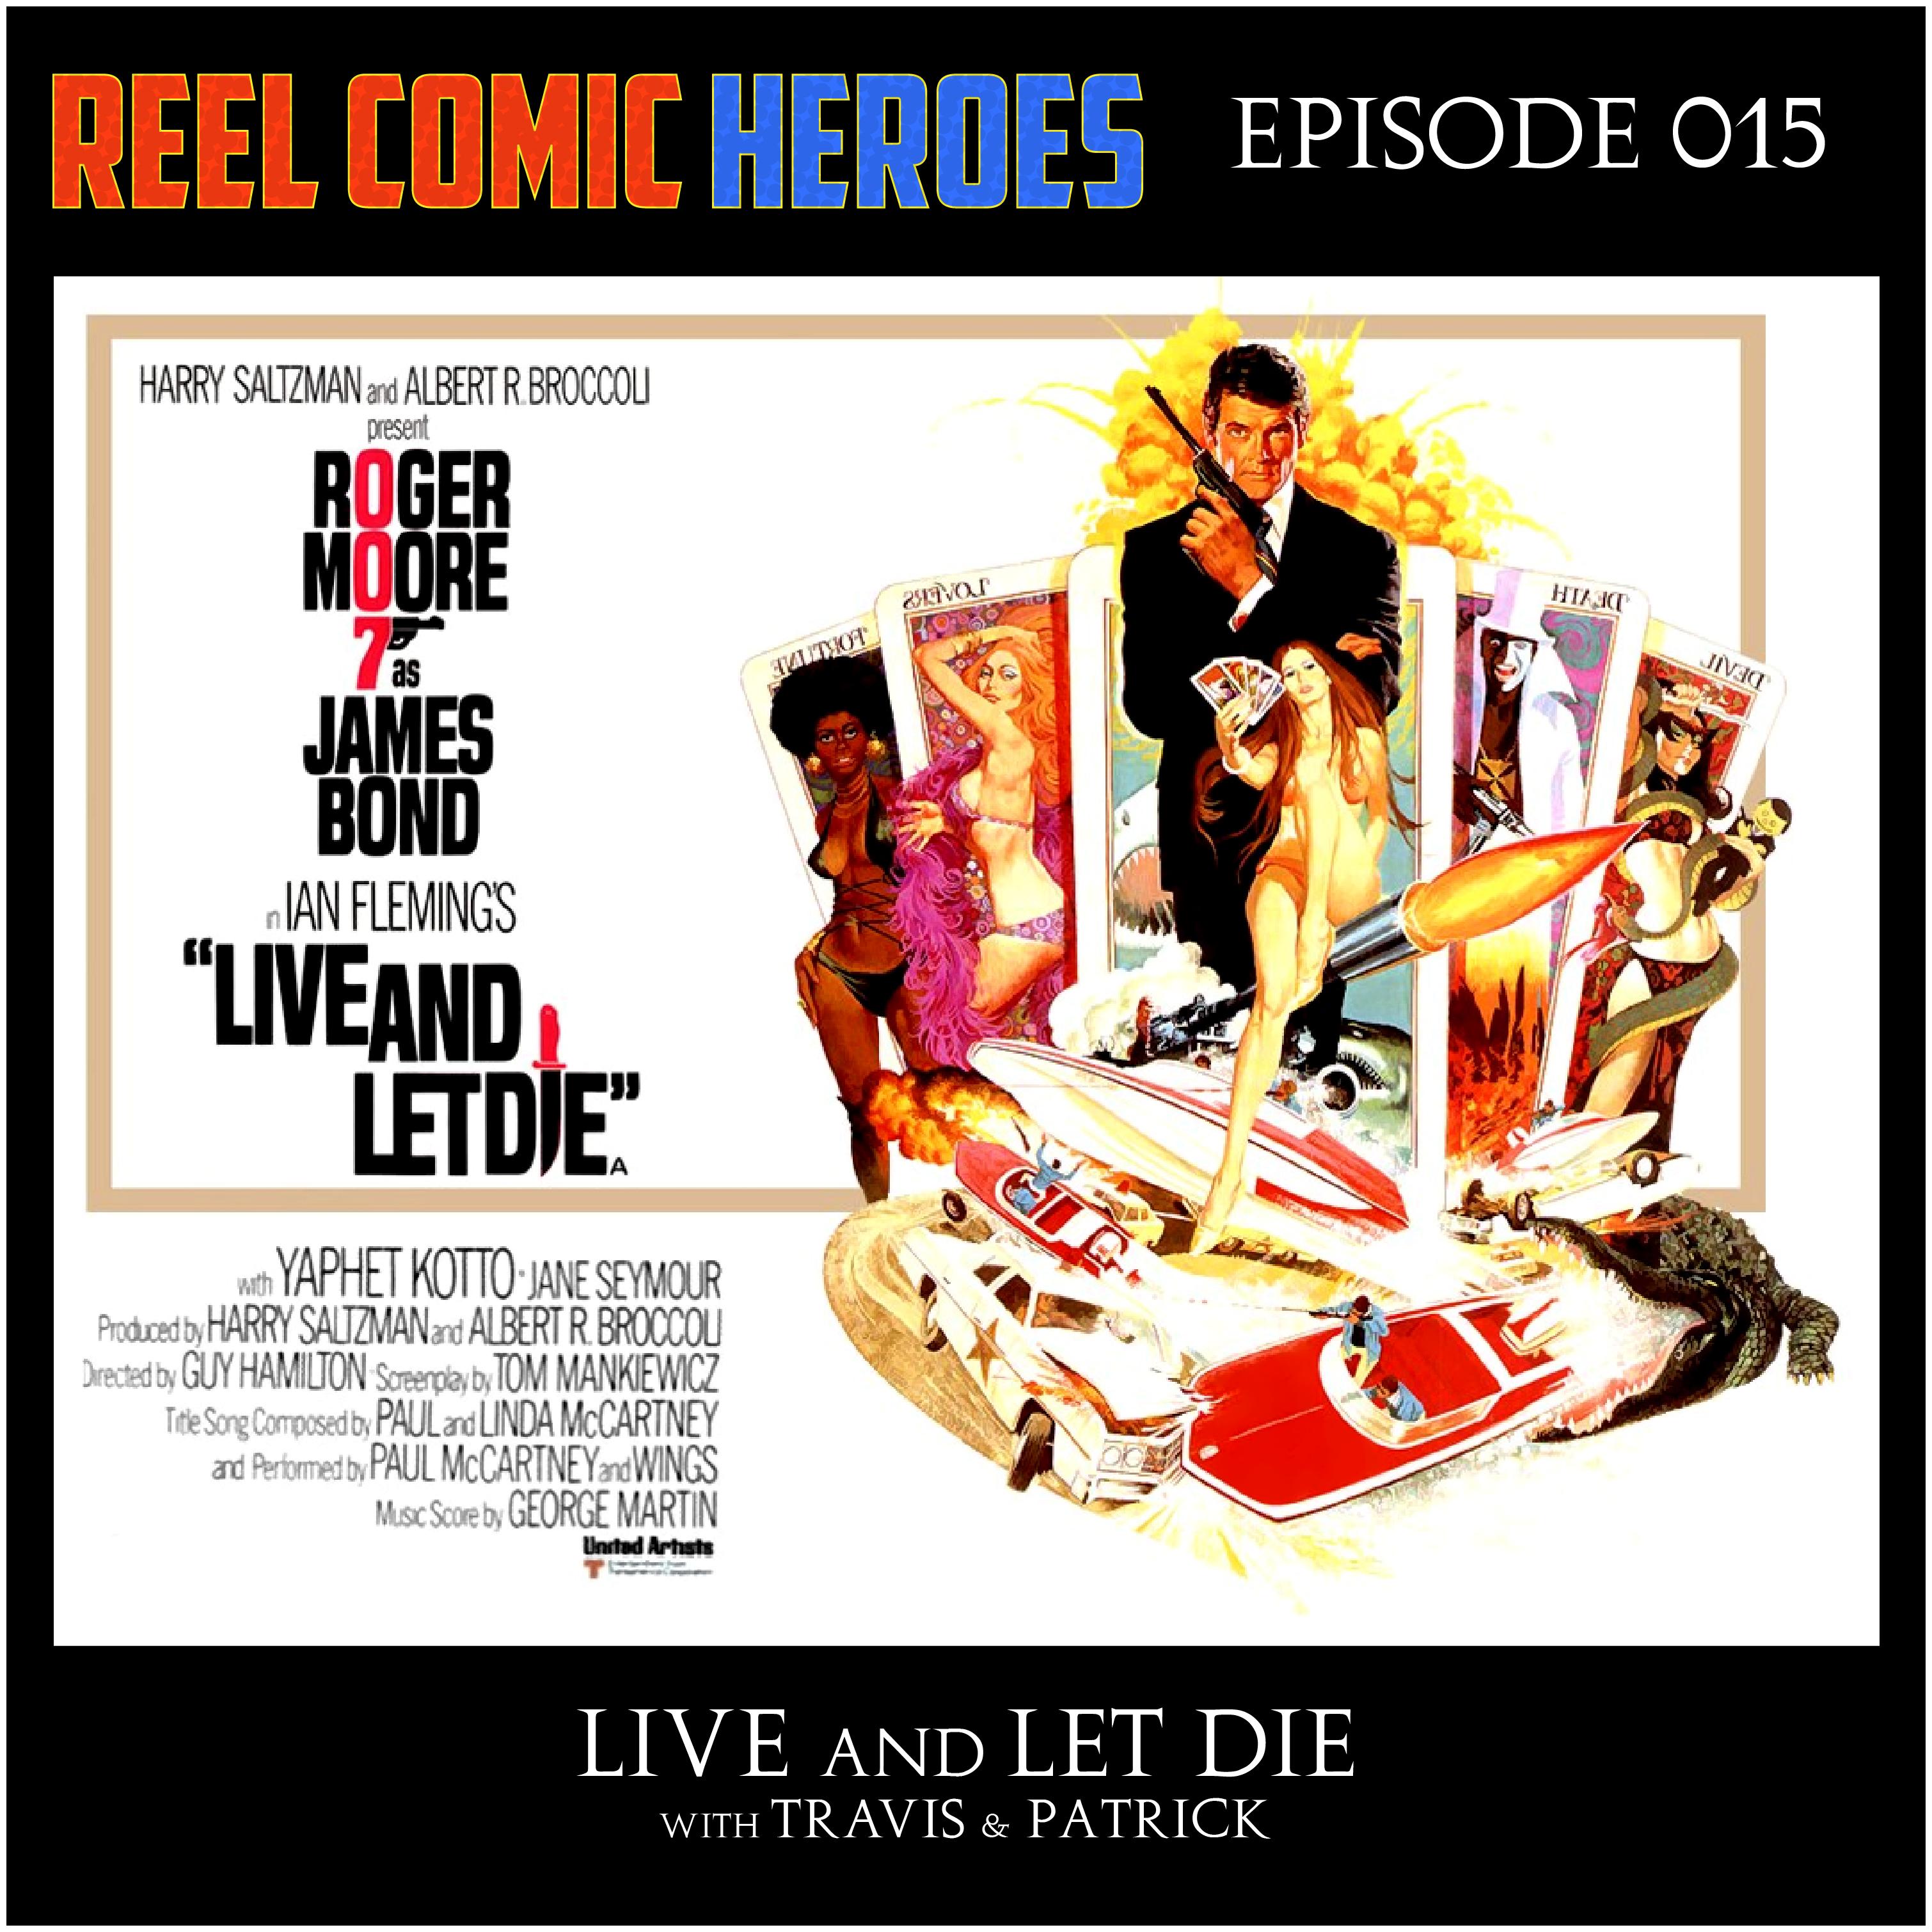 Artwork for Reel Comic Heroes 015 - Live and Let Die